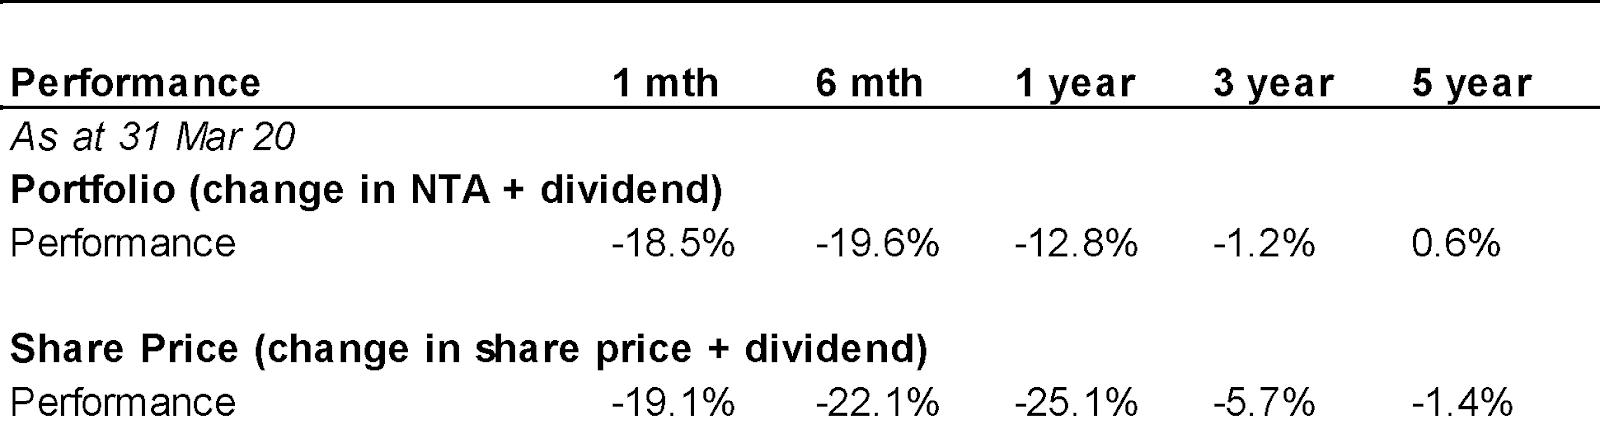 fgx portfolio returns and shareholder returns table